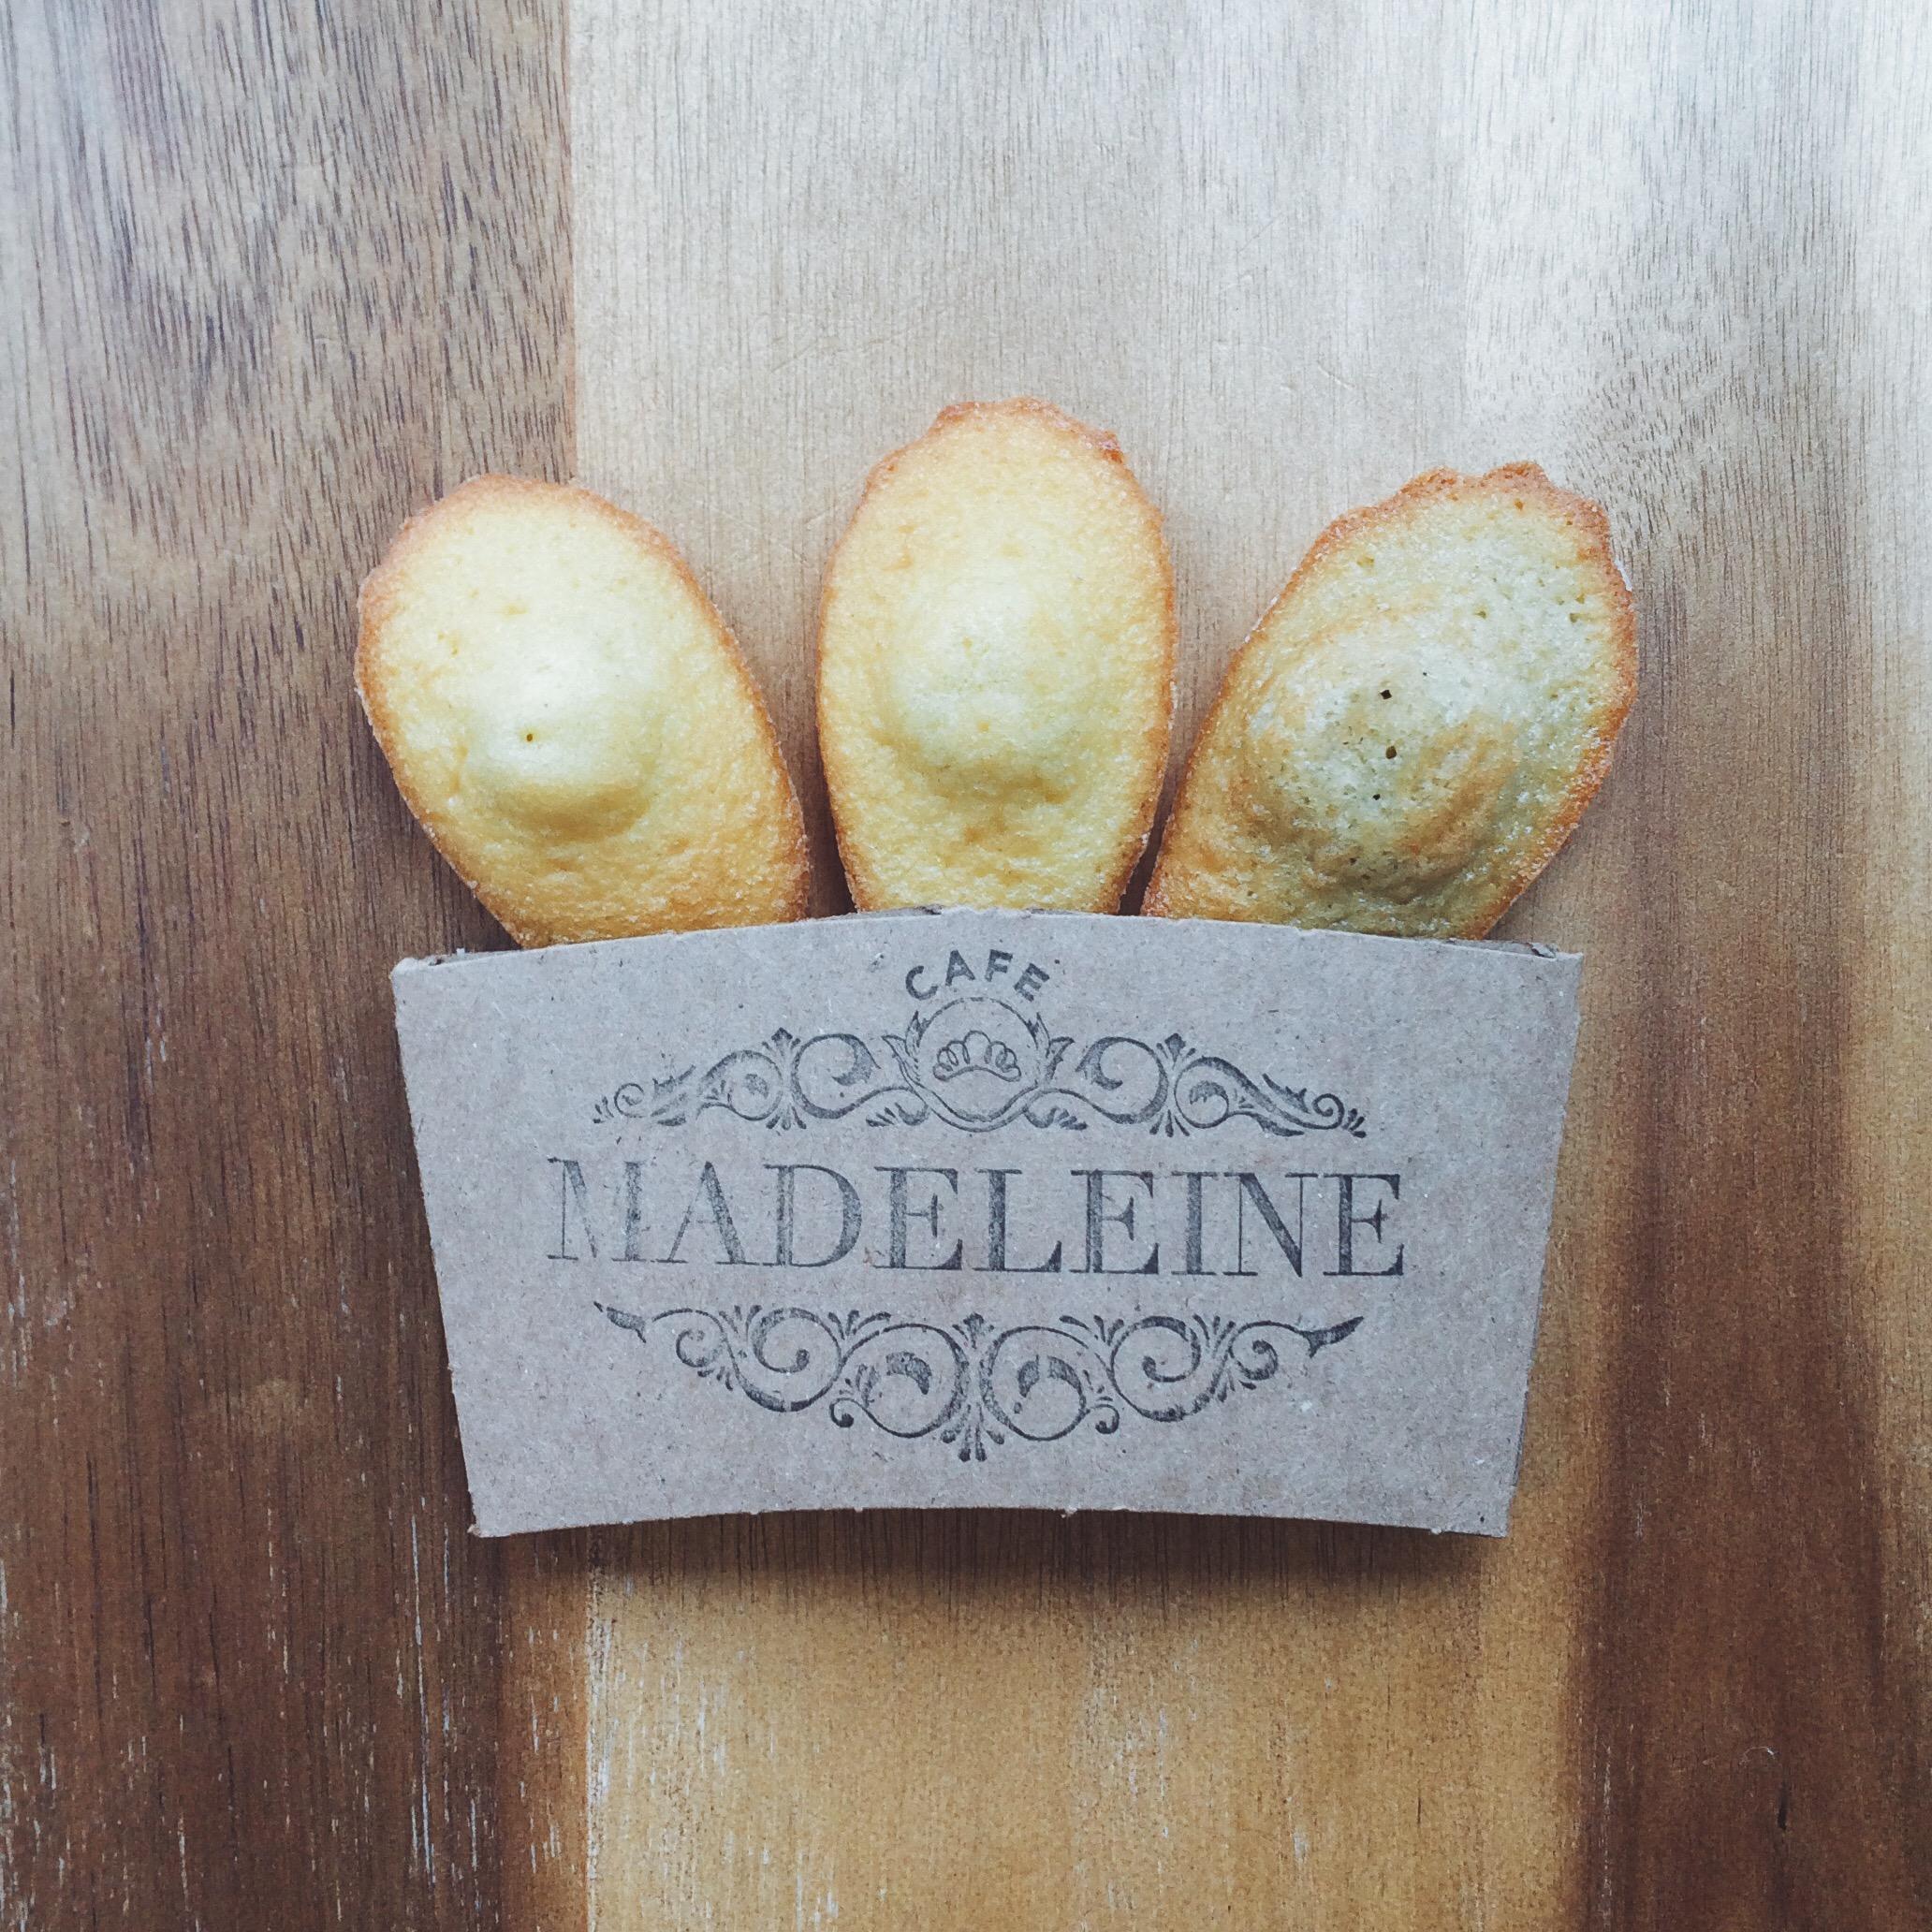 Cafe Madeleine's Madeleine